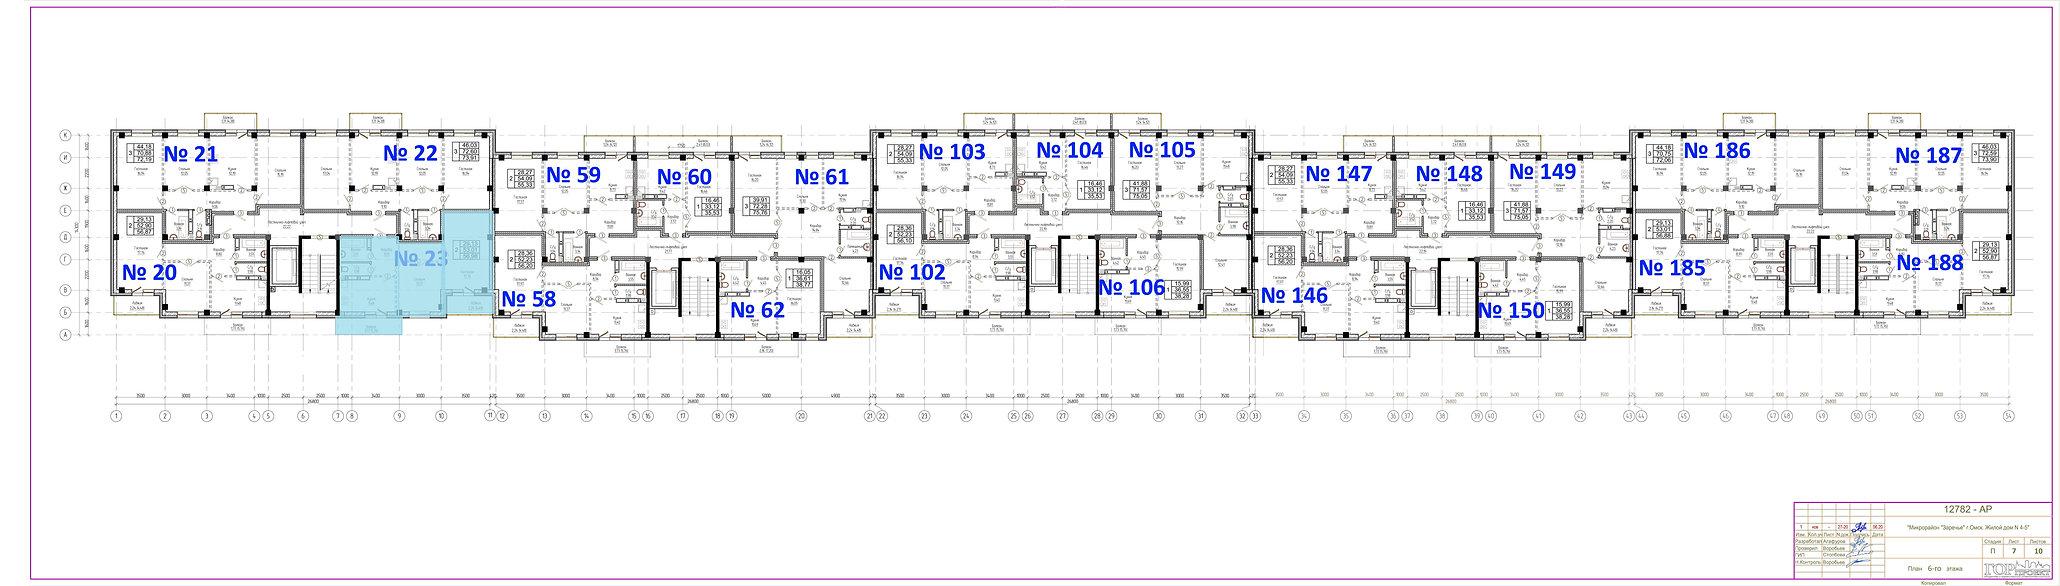 6 этаж кв 23.jpg